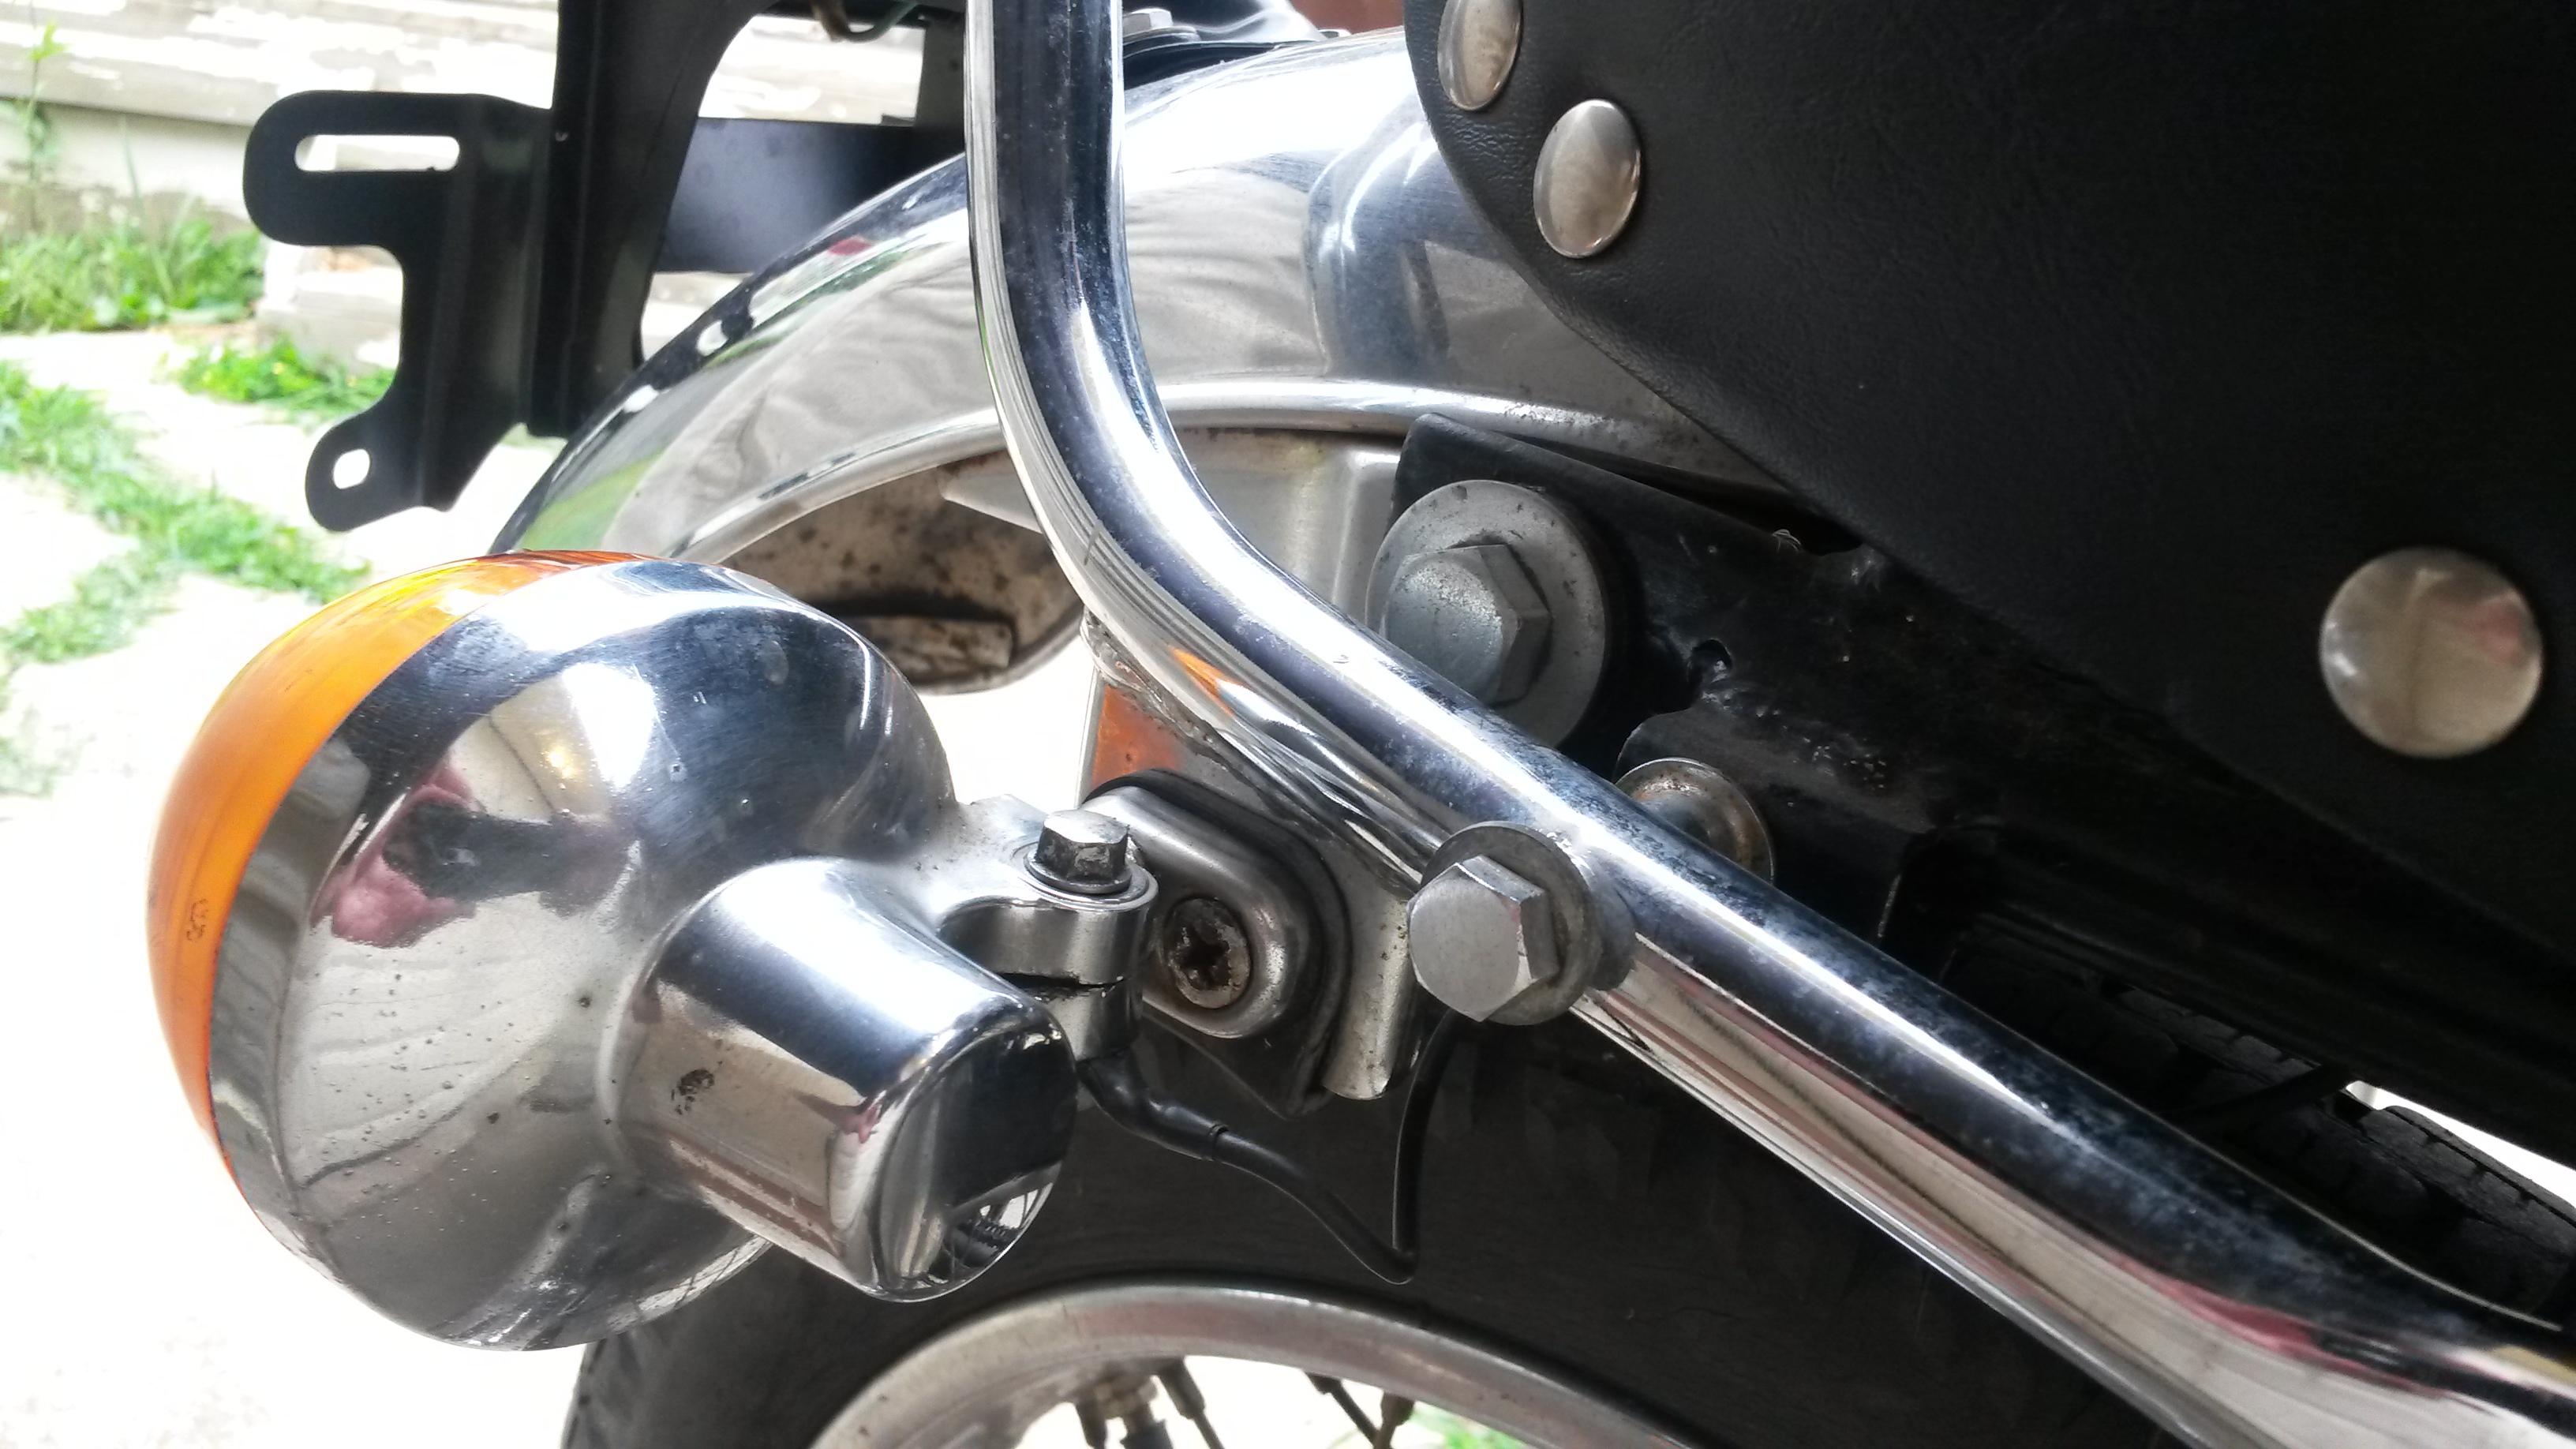 Großartig 2005 Honda Trx450r Scheinwerfer Schaltplan Bilder ...